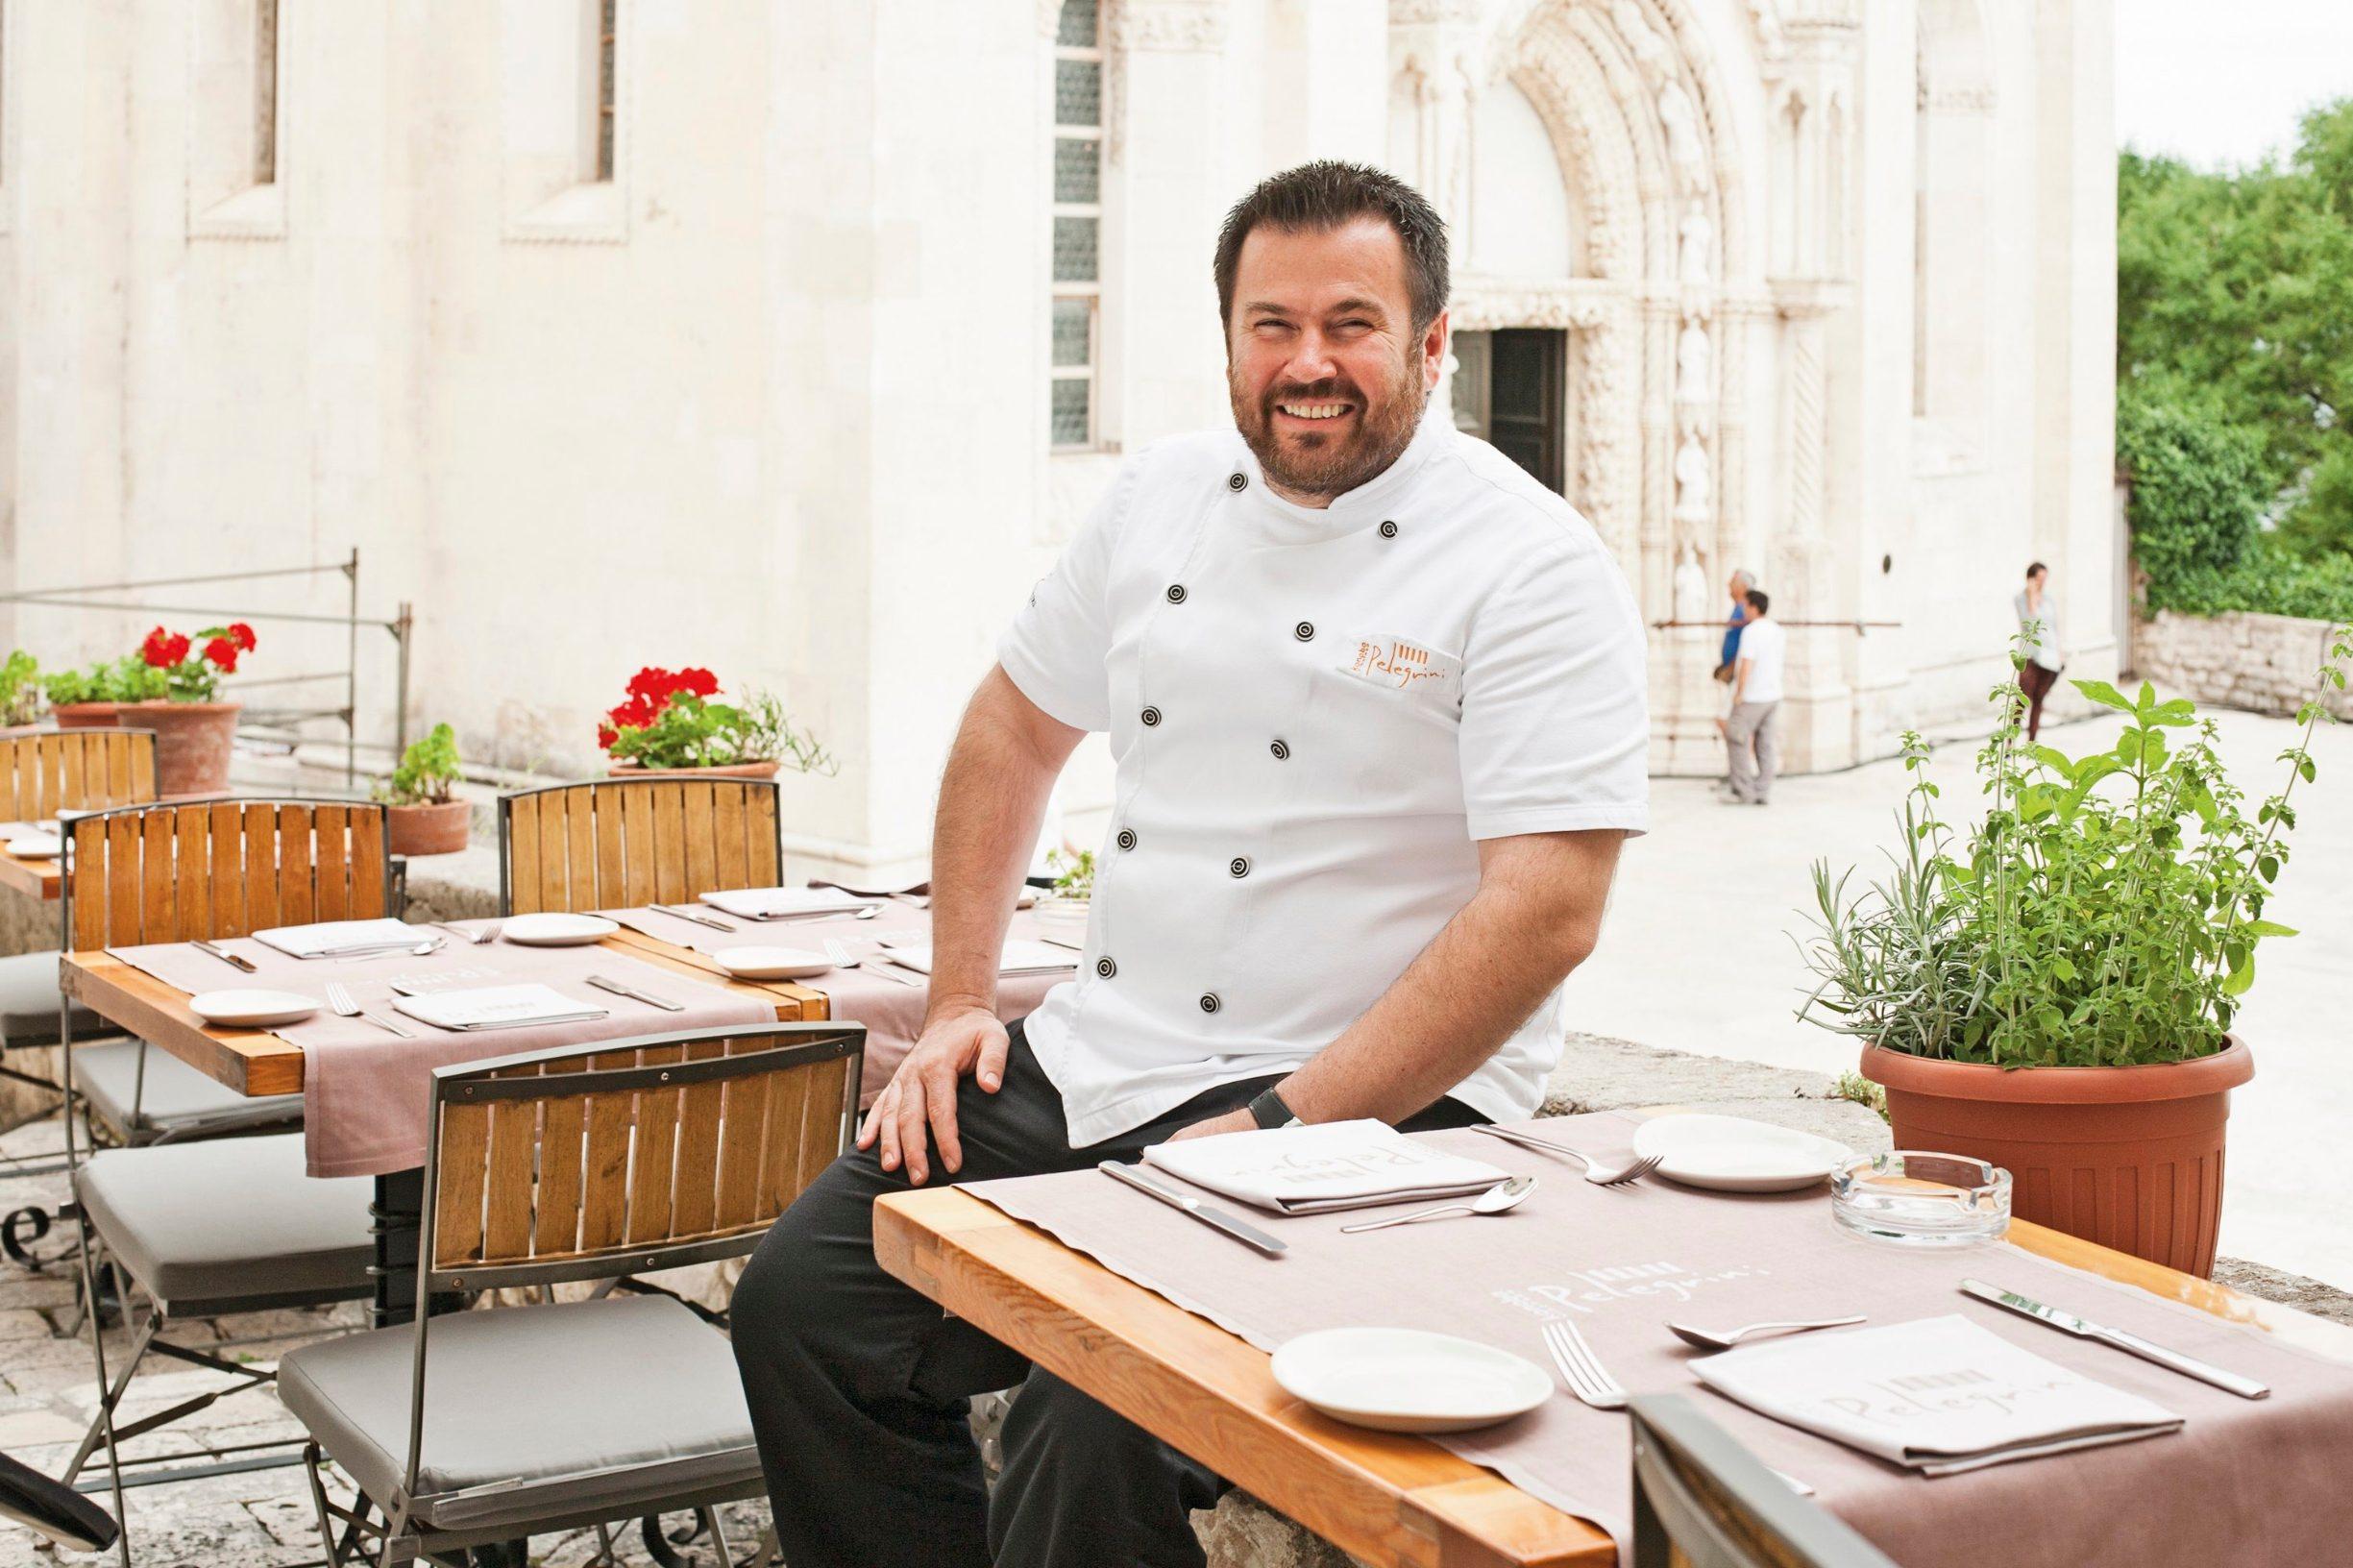 Sibenik, 170615. Restoran Pelegrini. Na fotografiji: Chef Rudof Stefan. Foto: Biljana Gaurina / CROPIX